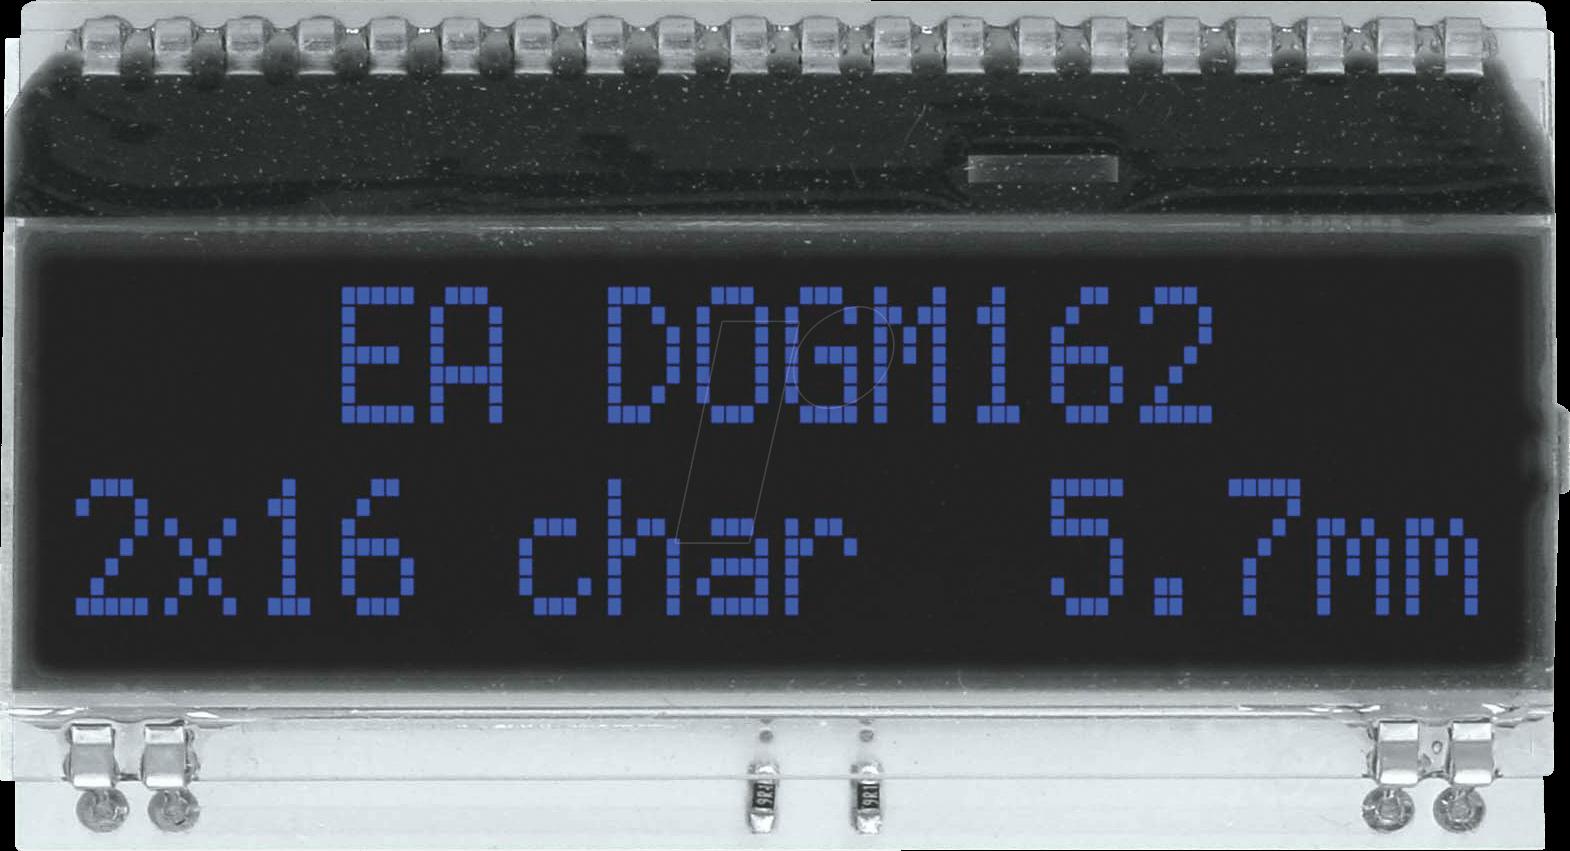 https://cdn-reichelt.de/bilder/web/xxl_ws/A500/DOGM162S-B.png